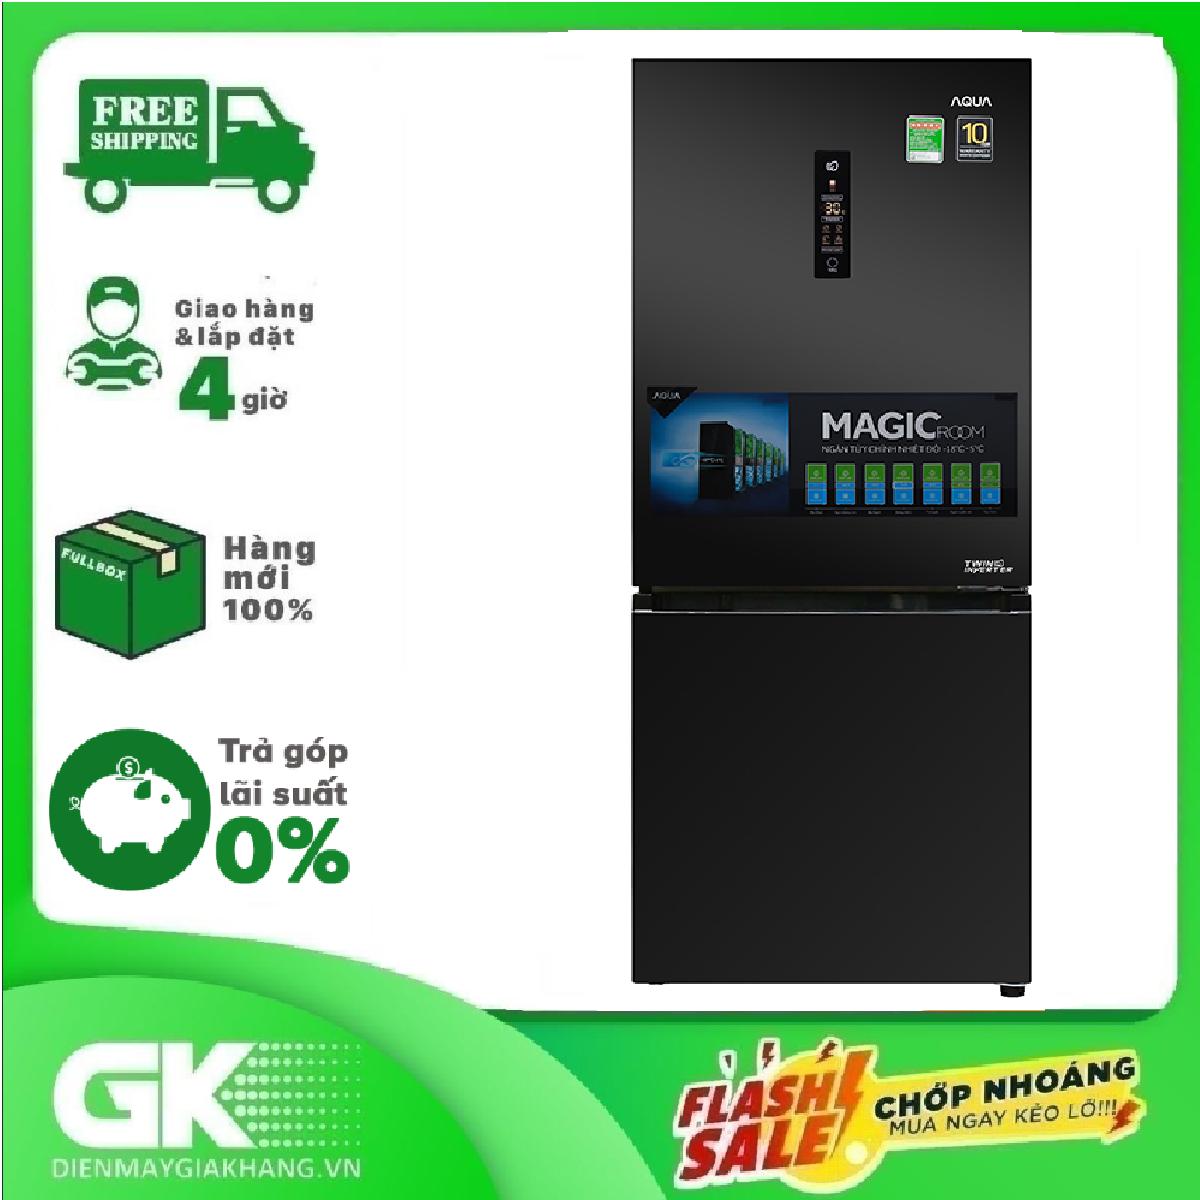 TRẢ GÓP 0% – Tủ lạnh Aqua Inverter 260 lít AQR-I298EB BS – BTRẢo hành 12 tháng